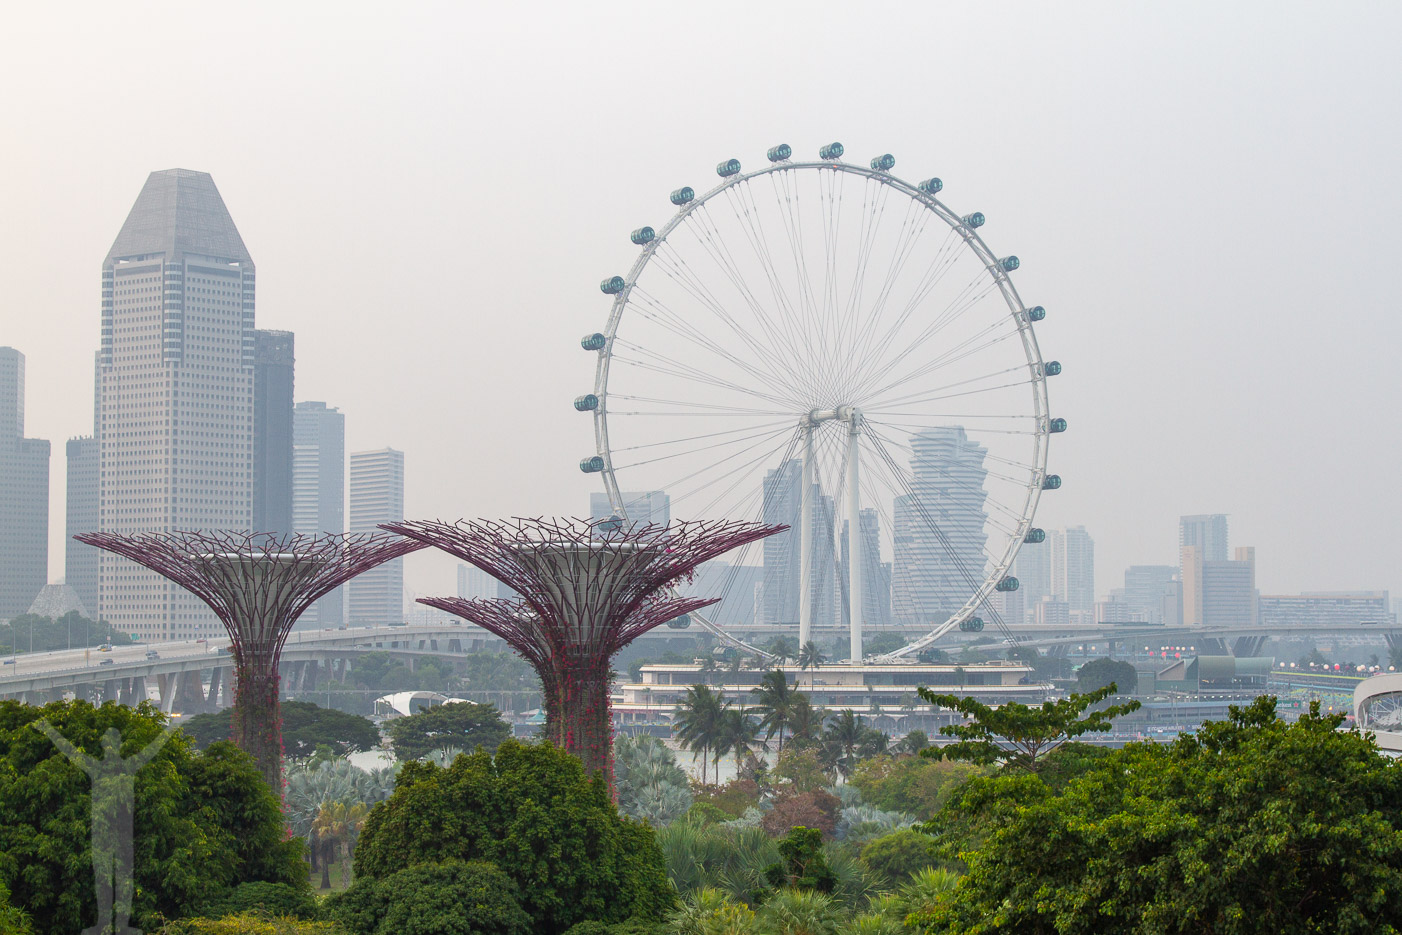 Haze över stan och Singapore Flyer